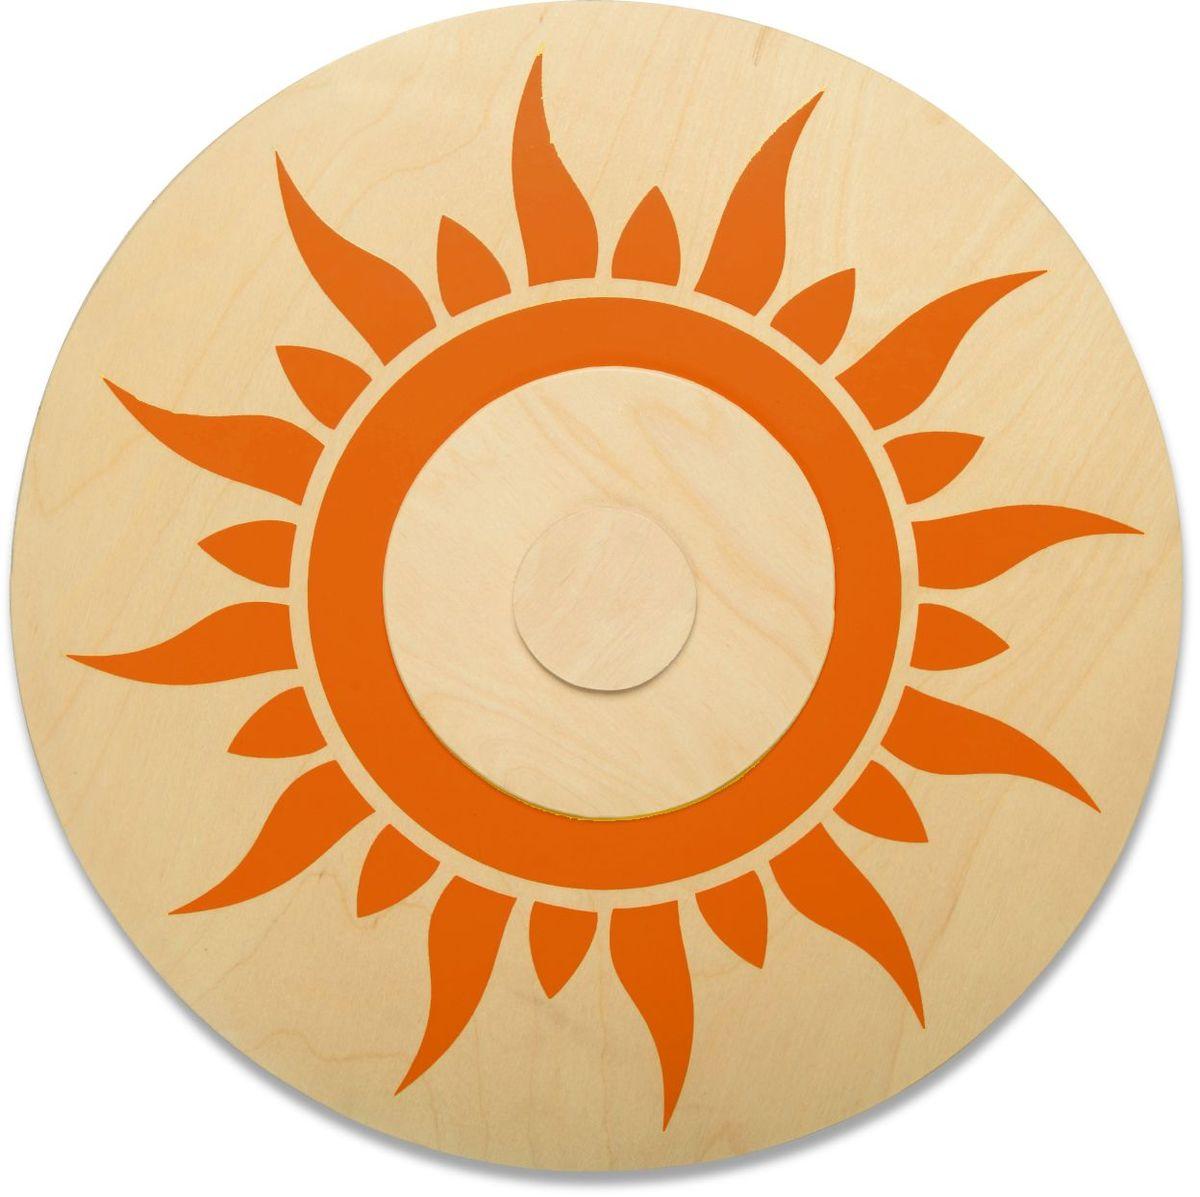 все цены на ЯиГрушка Щит цвет оранжевый онлайн